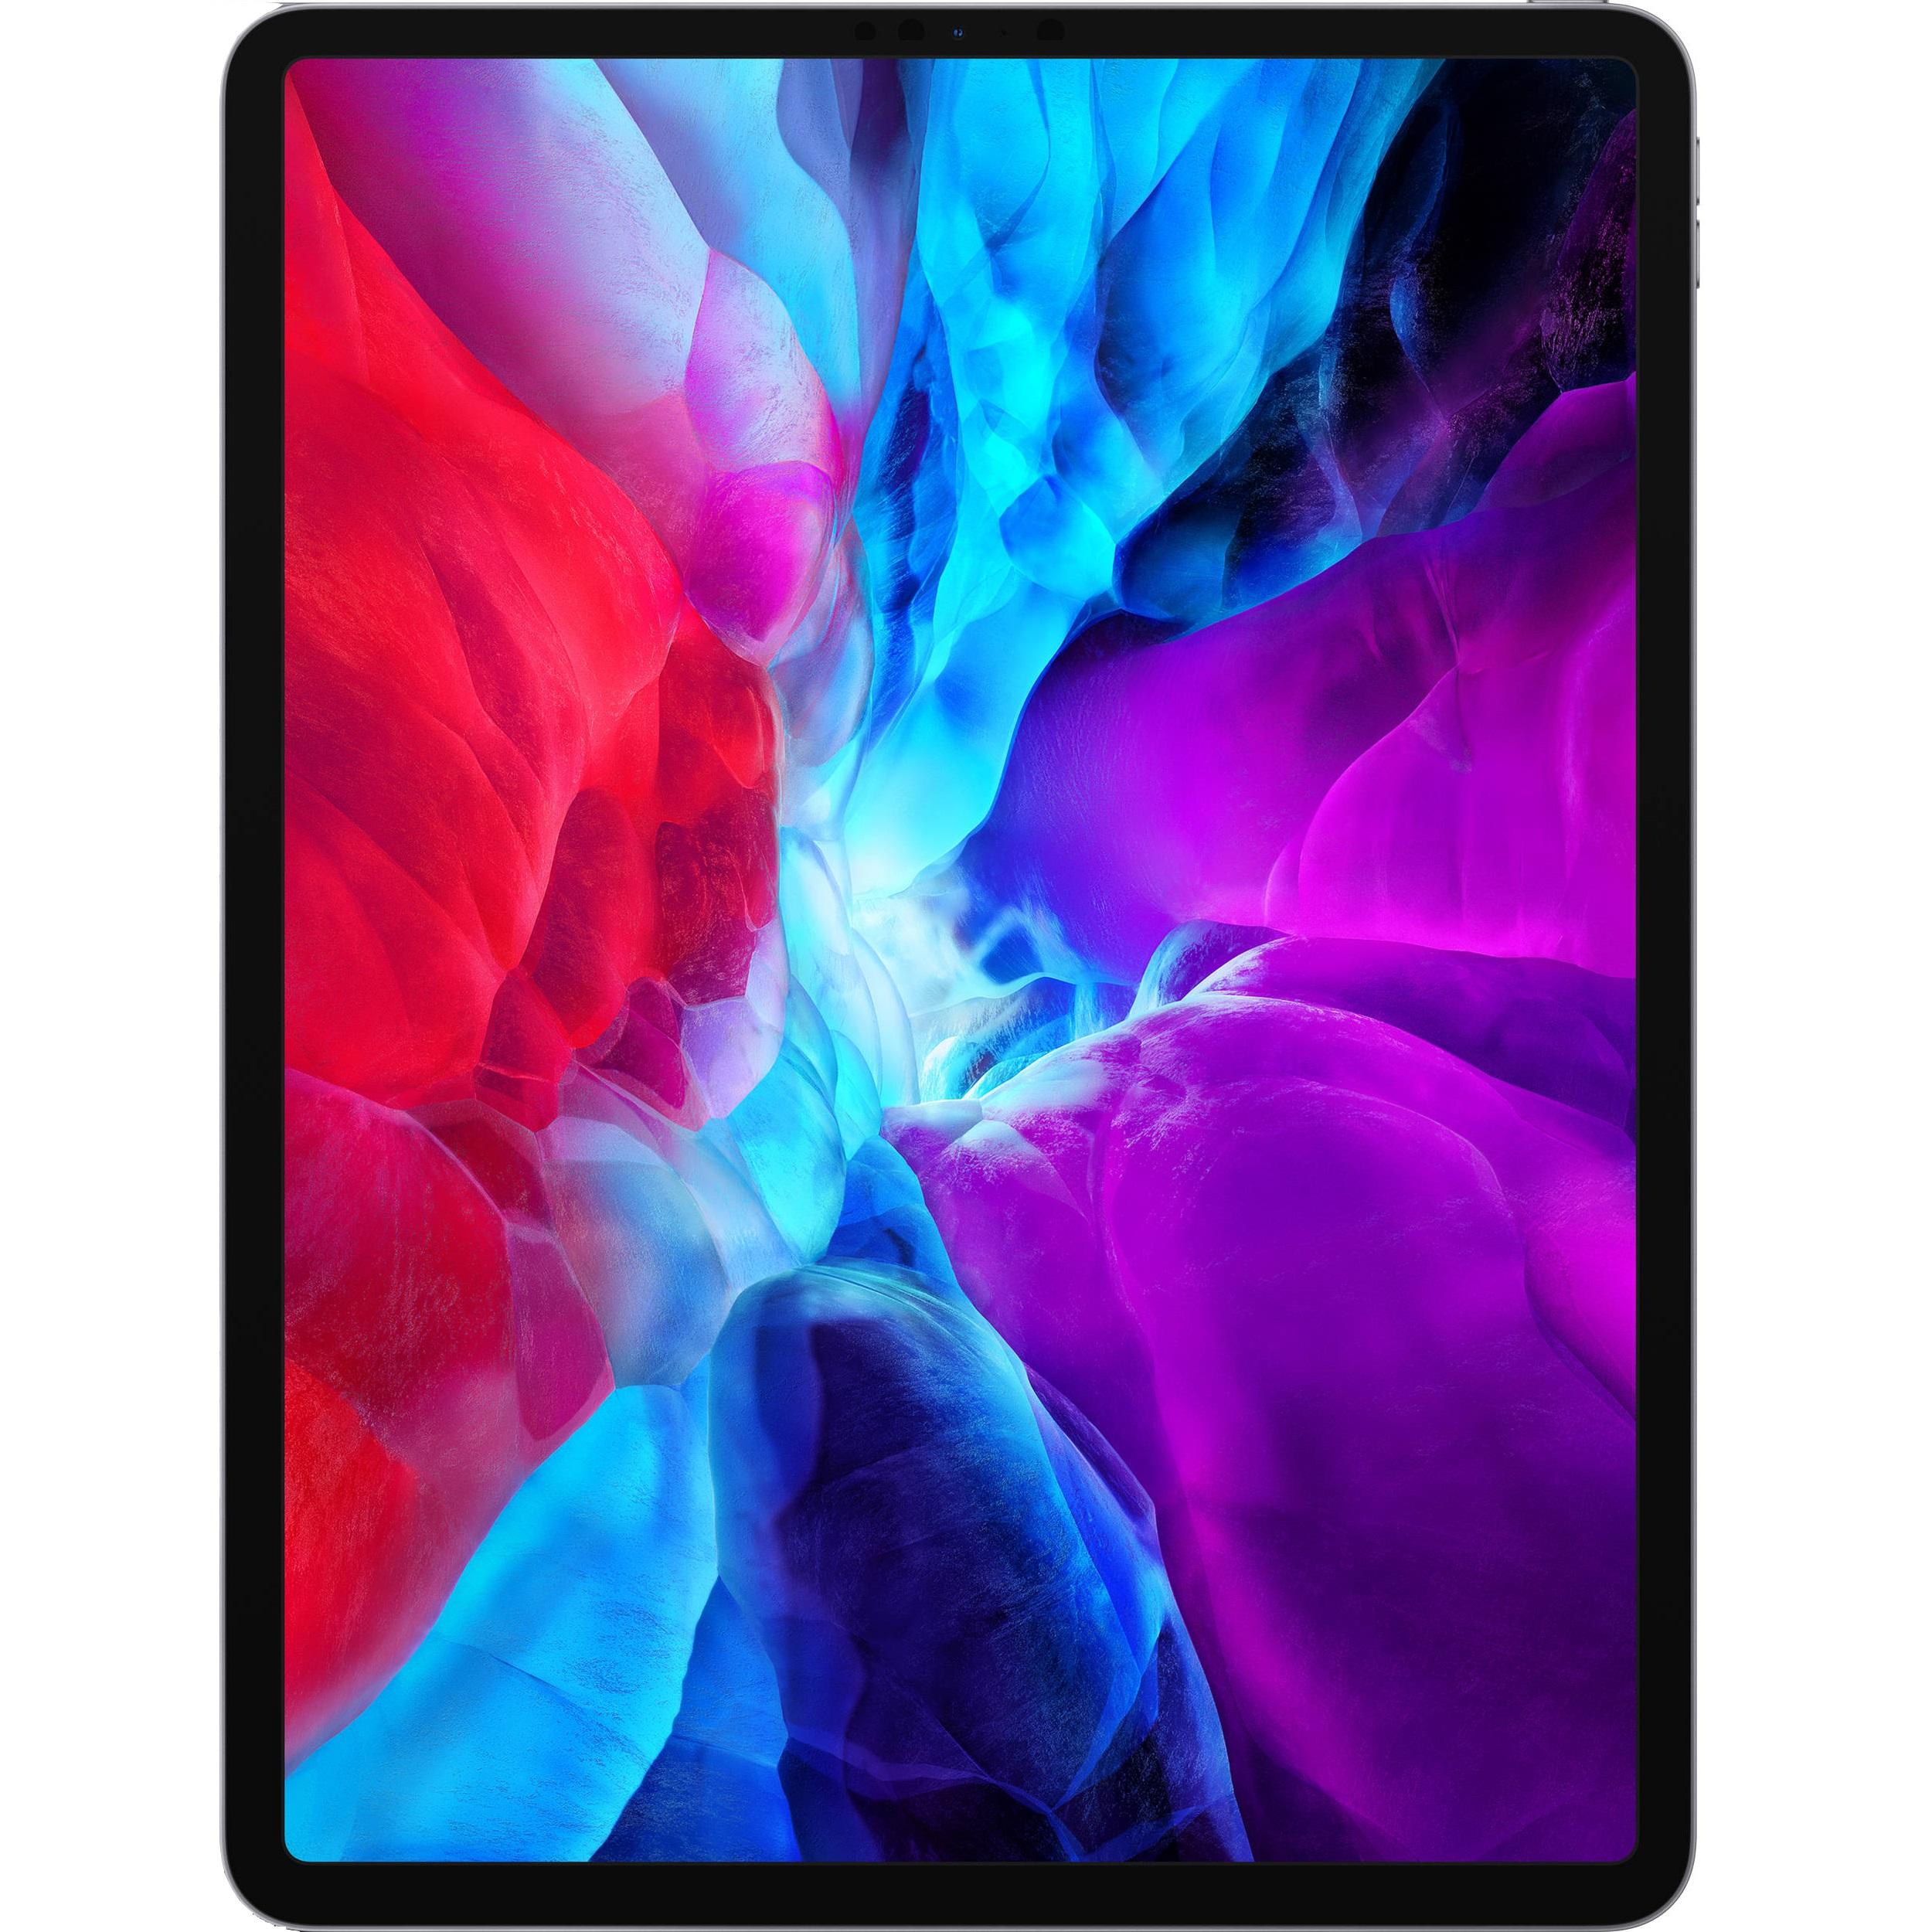 فروش نقدی و اقساطی تبلت اپل مدل iPad Pro 12.9 inch 2020 4G ظرفیت 1 ترابایت